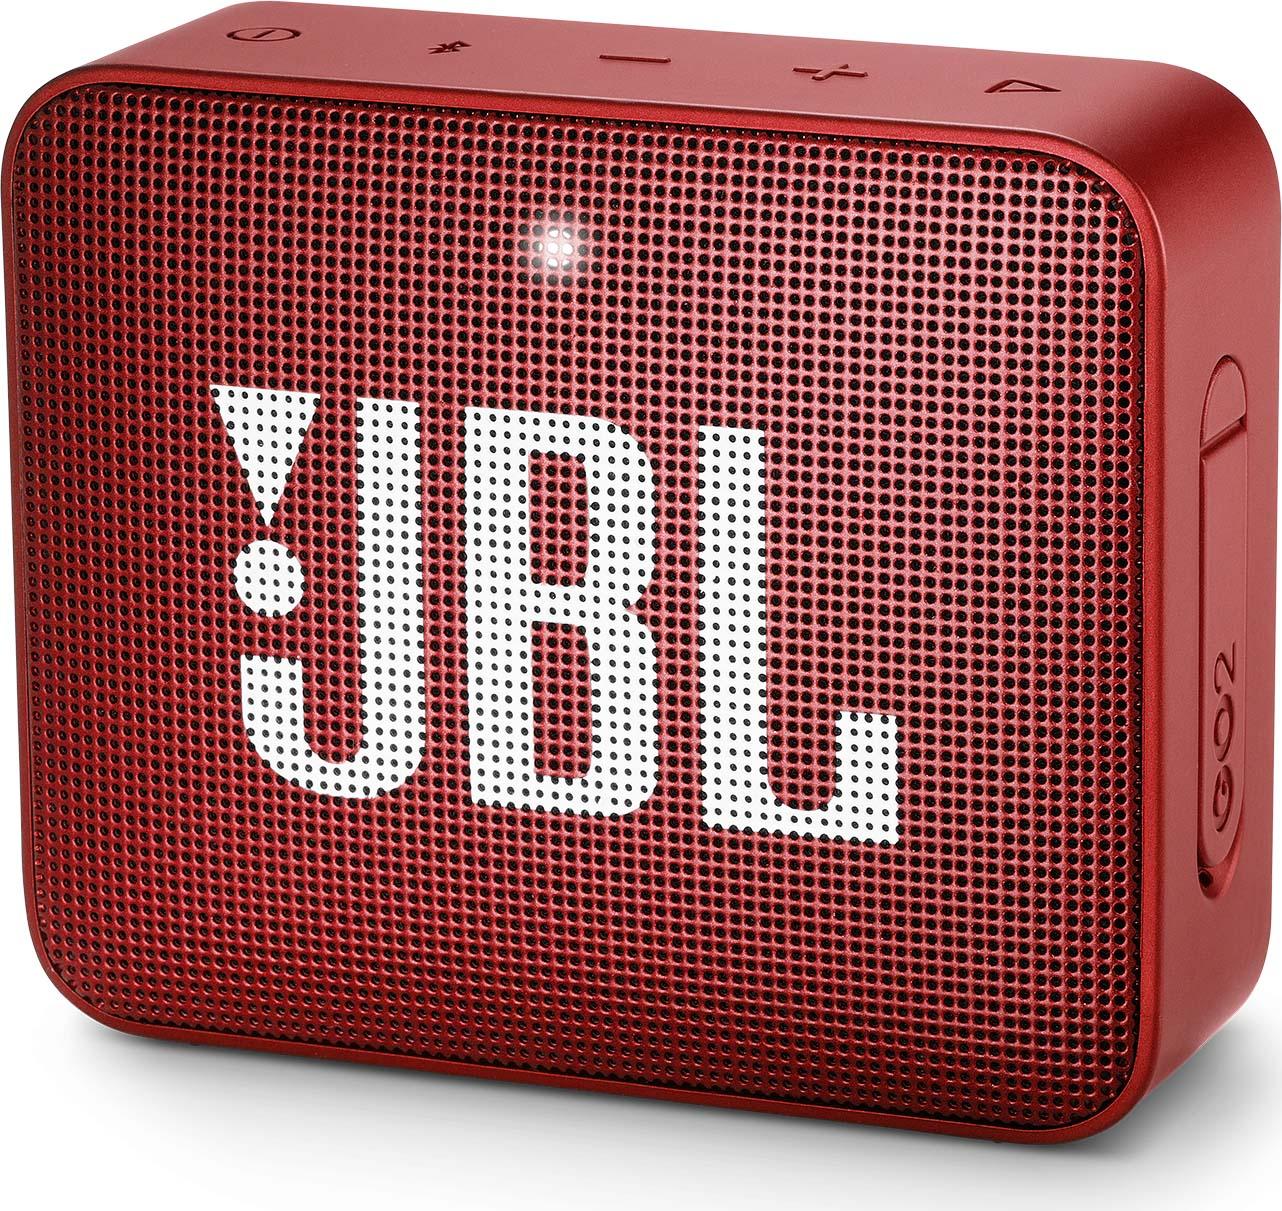 Беспроводная колонка JBL Go 2, Red беспроводная колонка jbl go 2 red